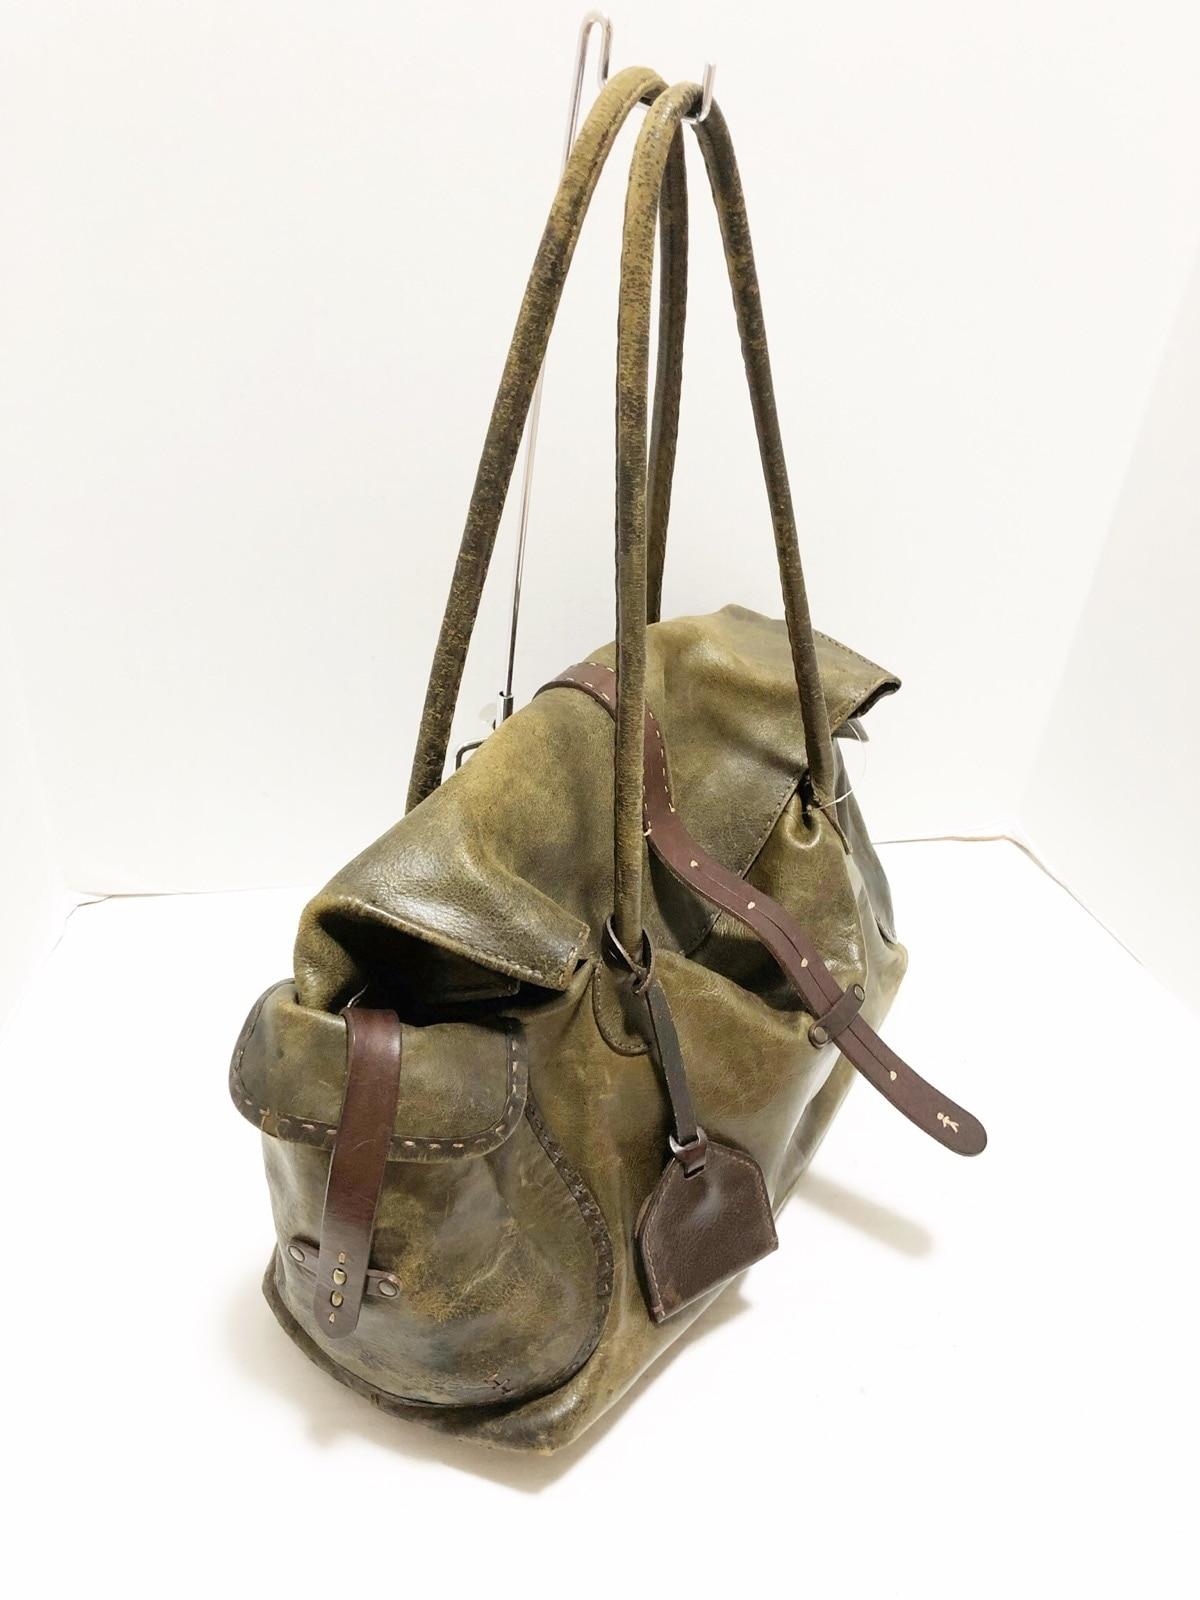 HENRY BEGUELIN(エンリーベグリン)のショルダーバッグ